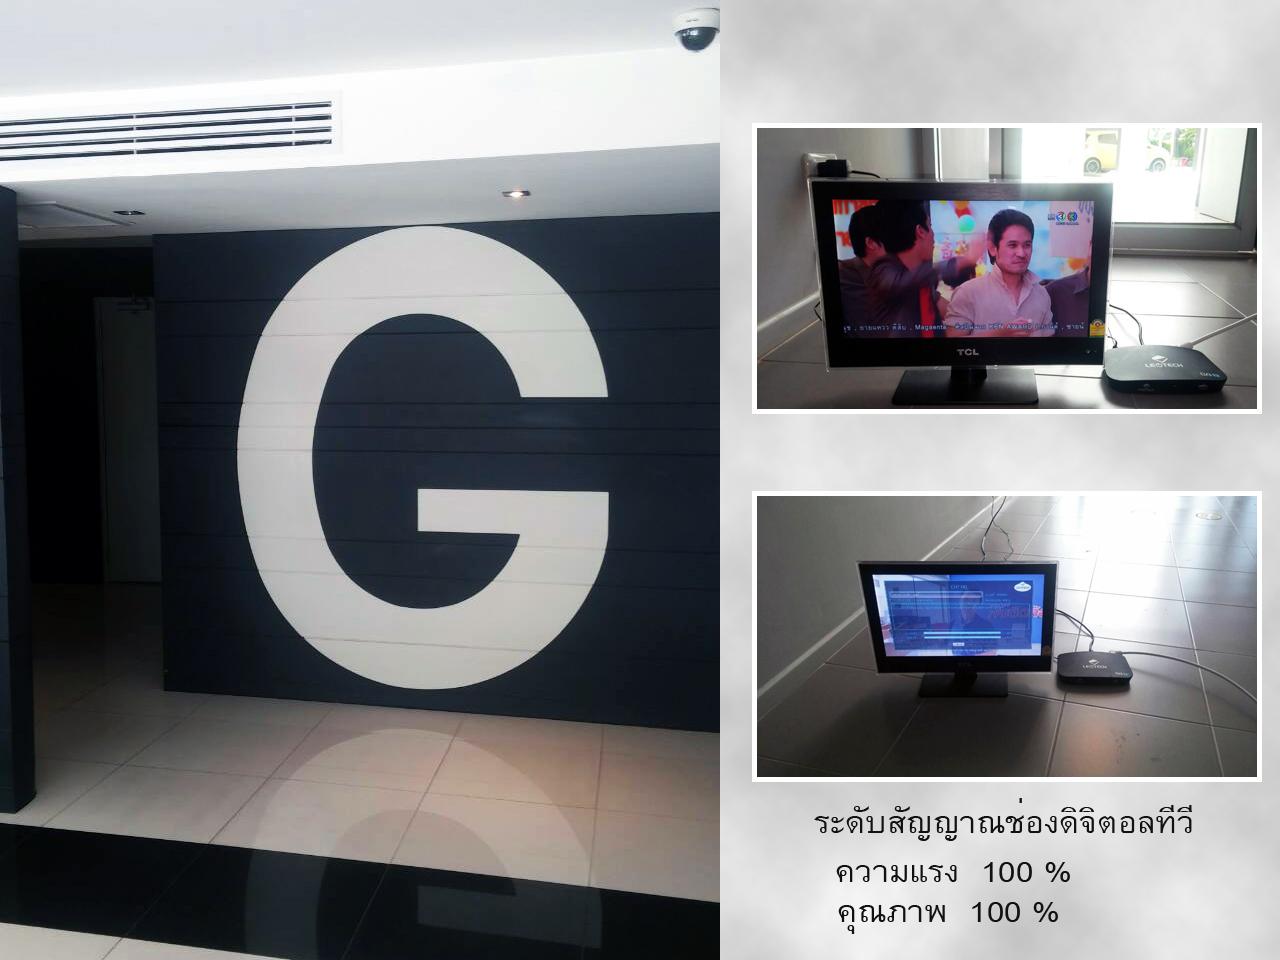 ทดสัญญาณดิจิตอลทีวี ที่อาคาร G